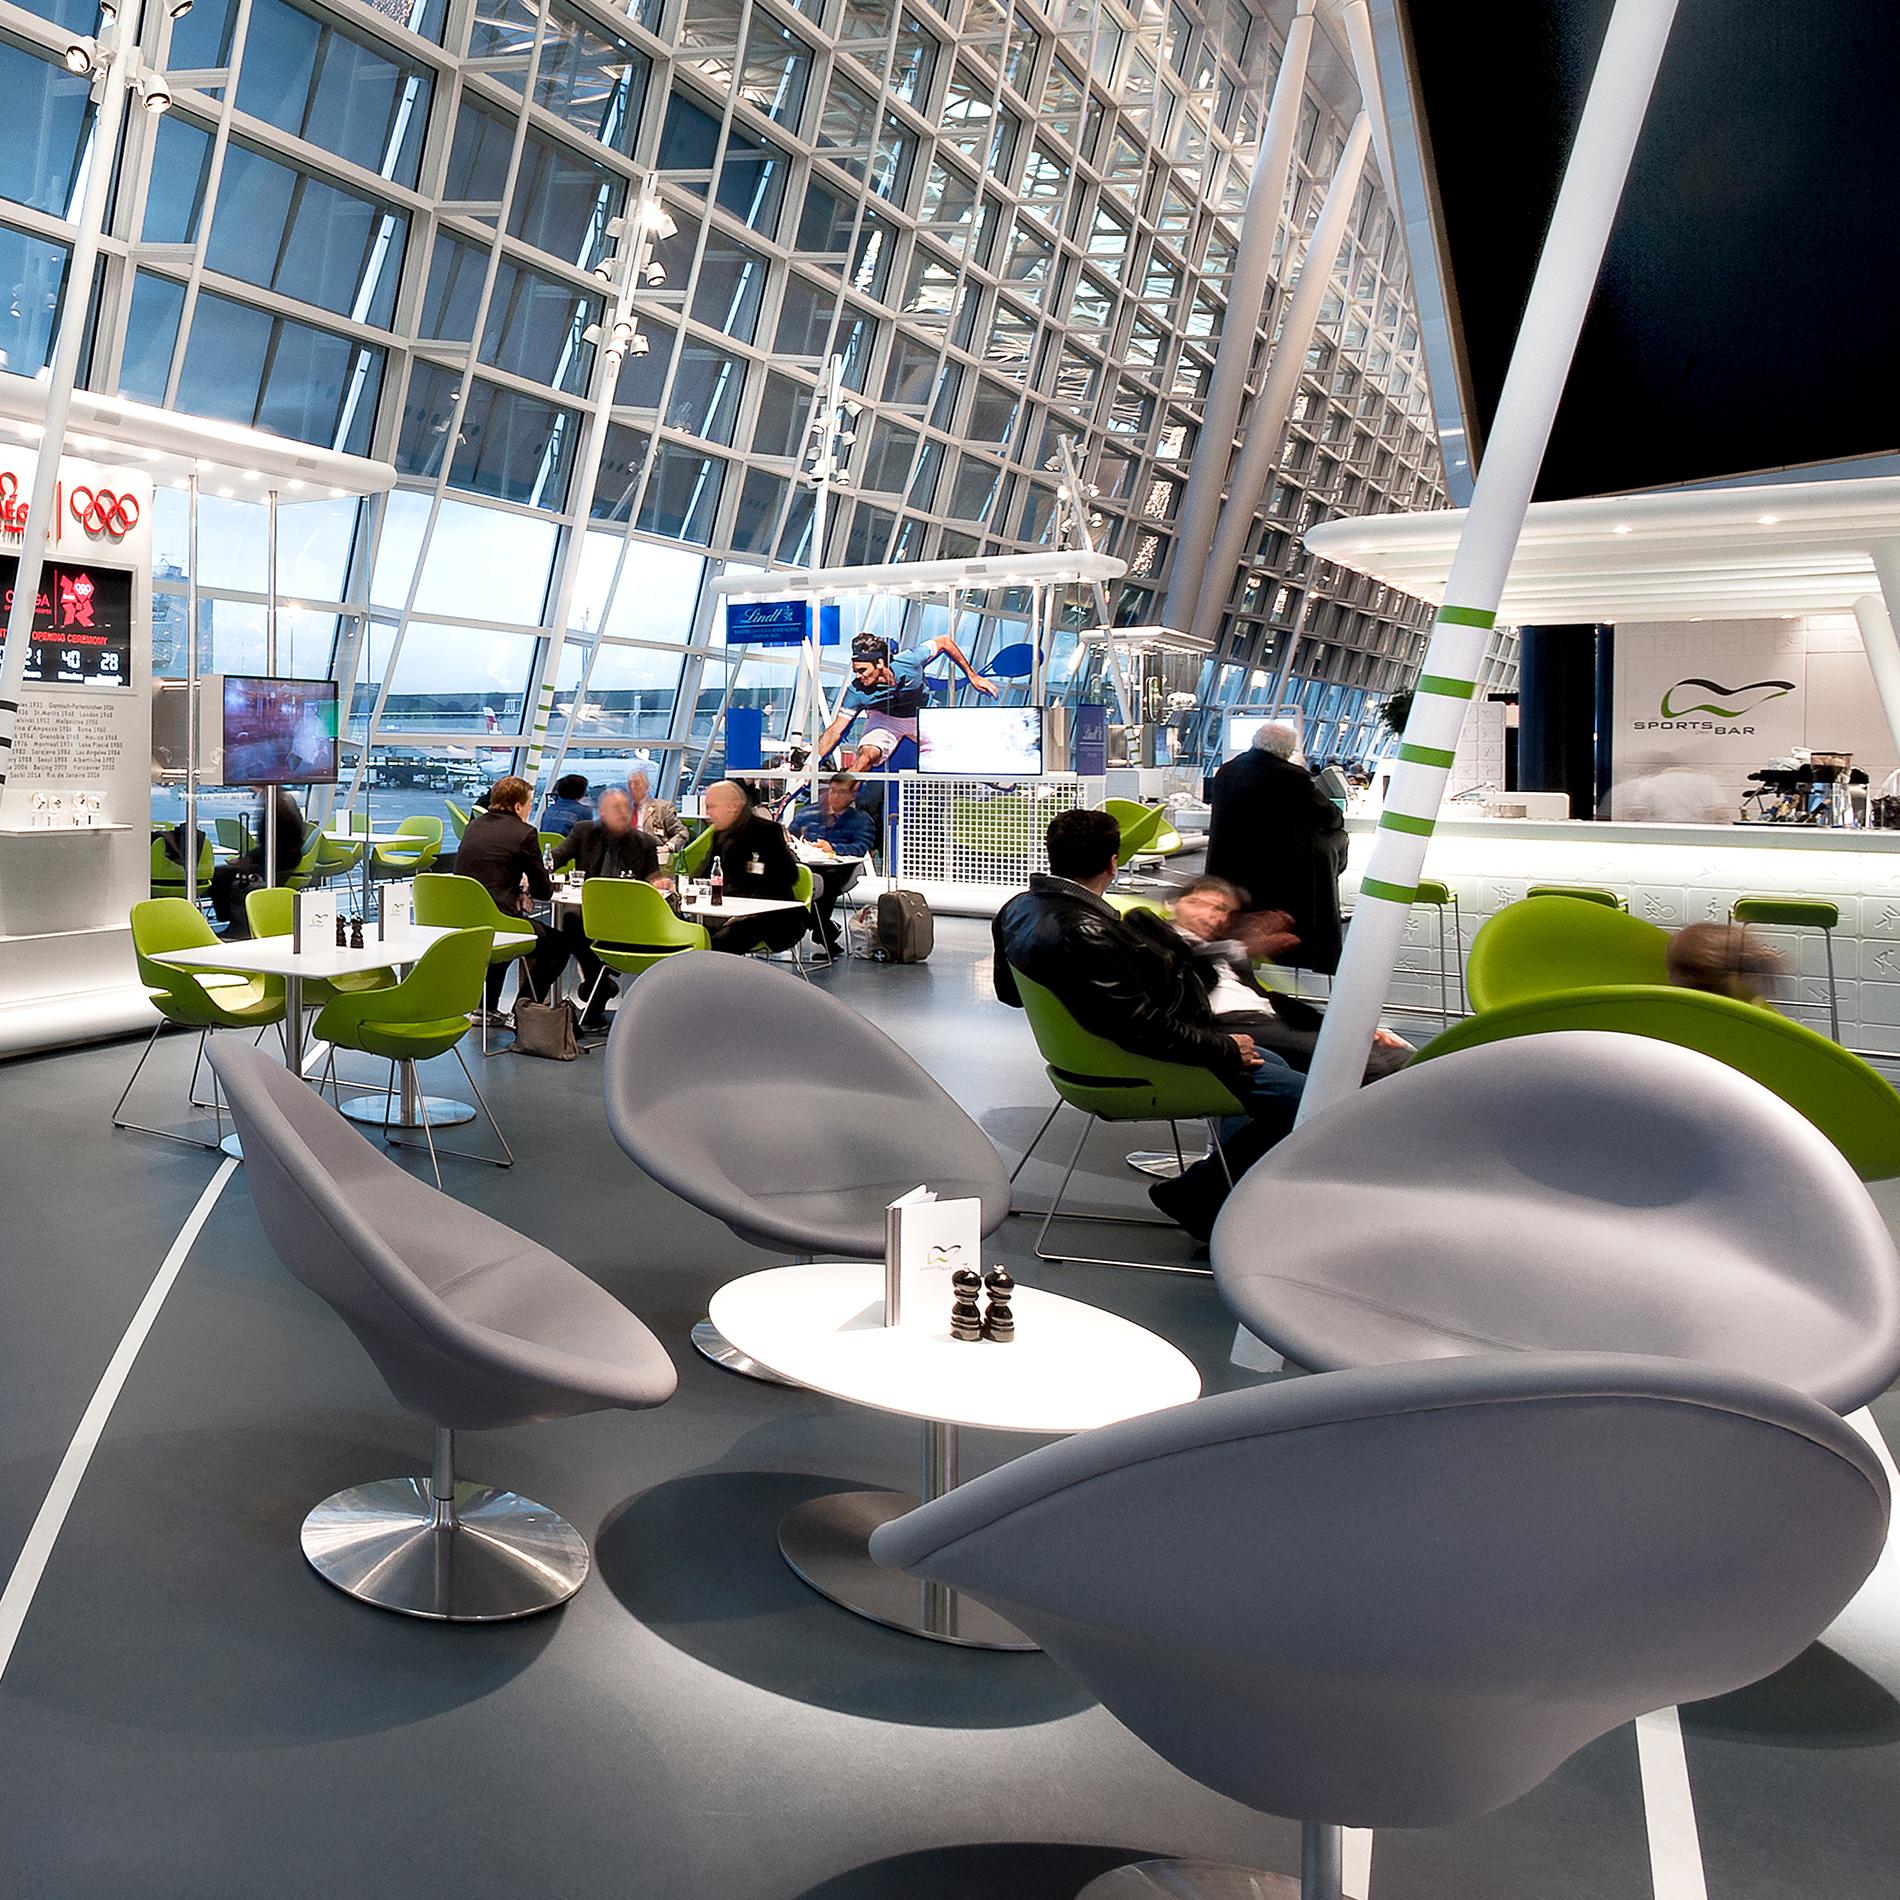 hauser & partner Interior Gastro Design